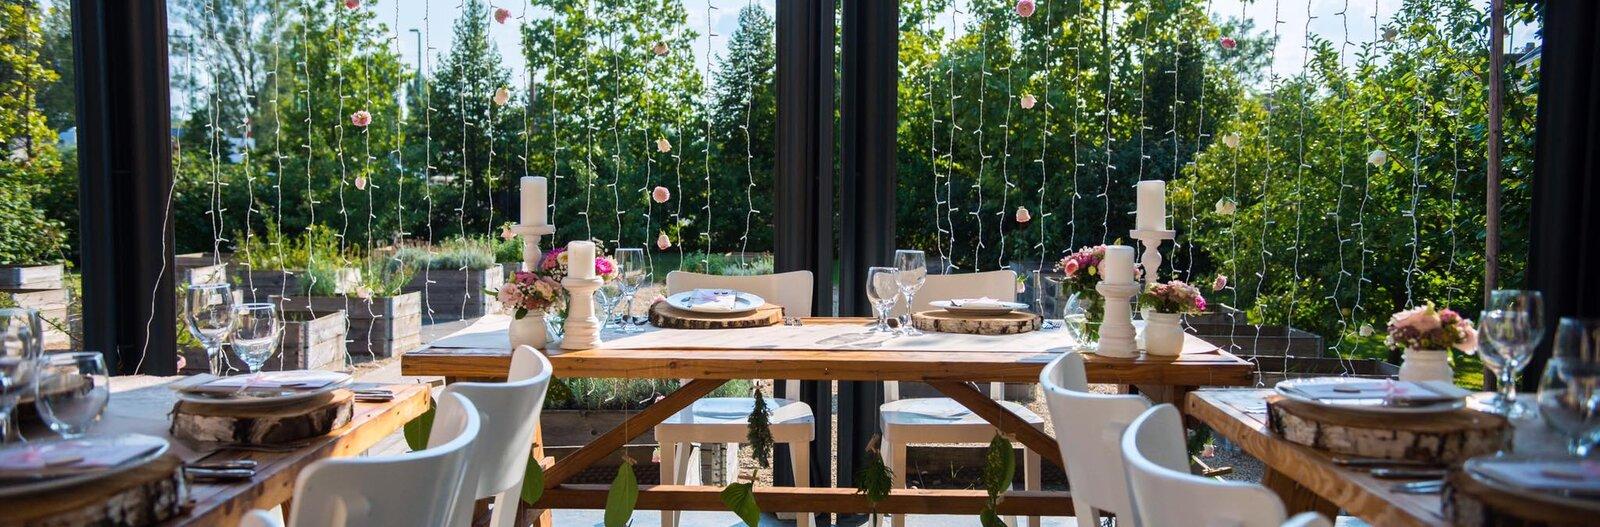 10 klassz étterem a Dunakanyarban nyári estékre